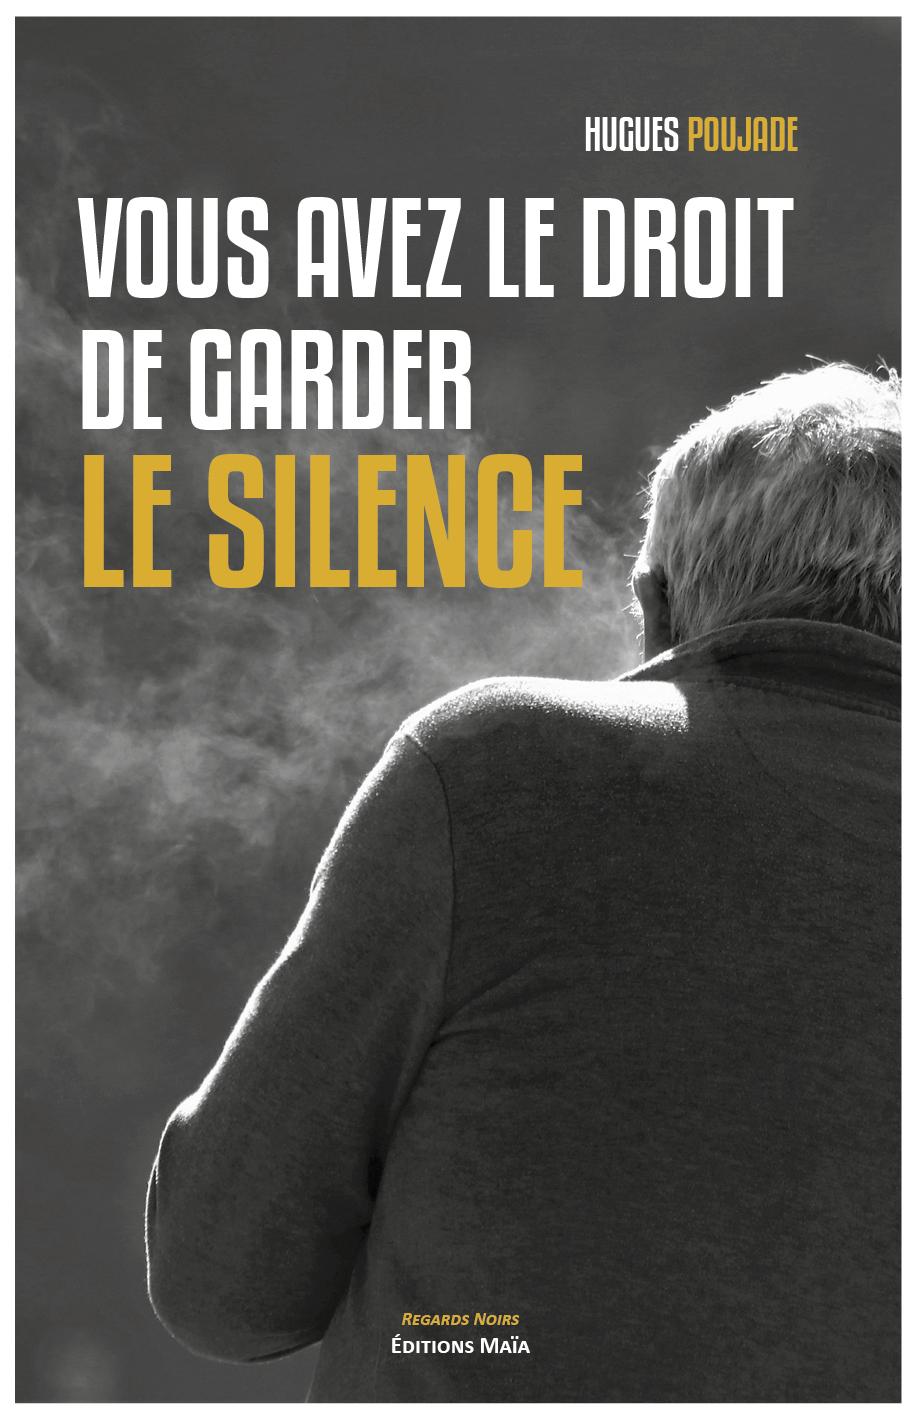 Vous avez le droit absolu de garder le silence... - C.O.P